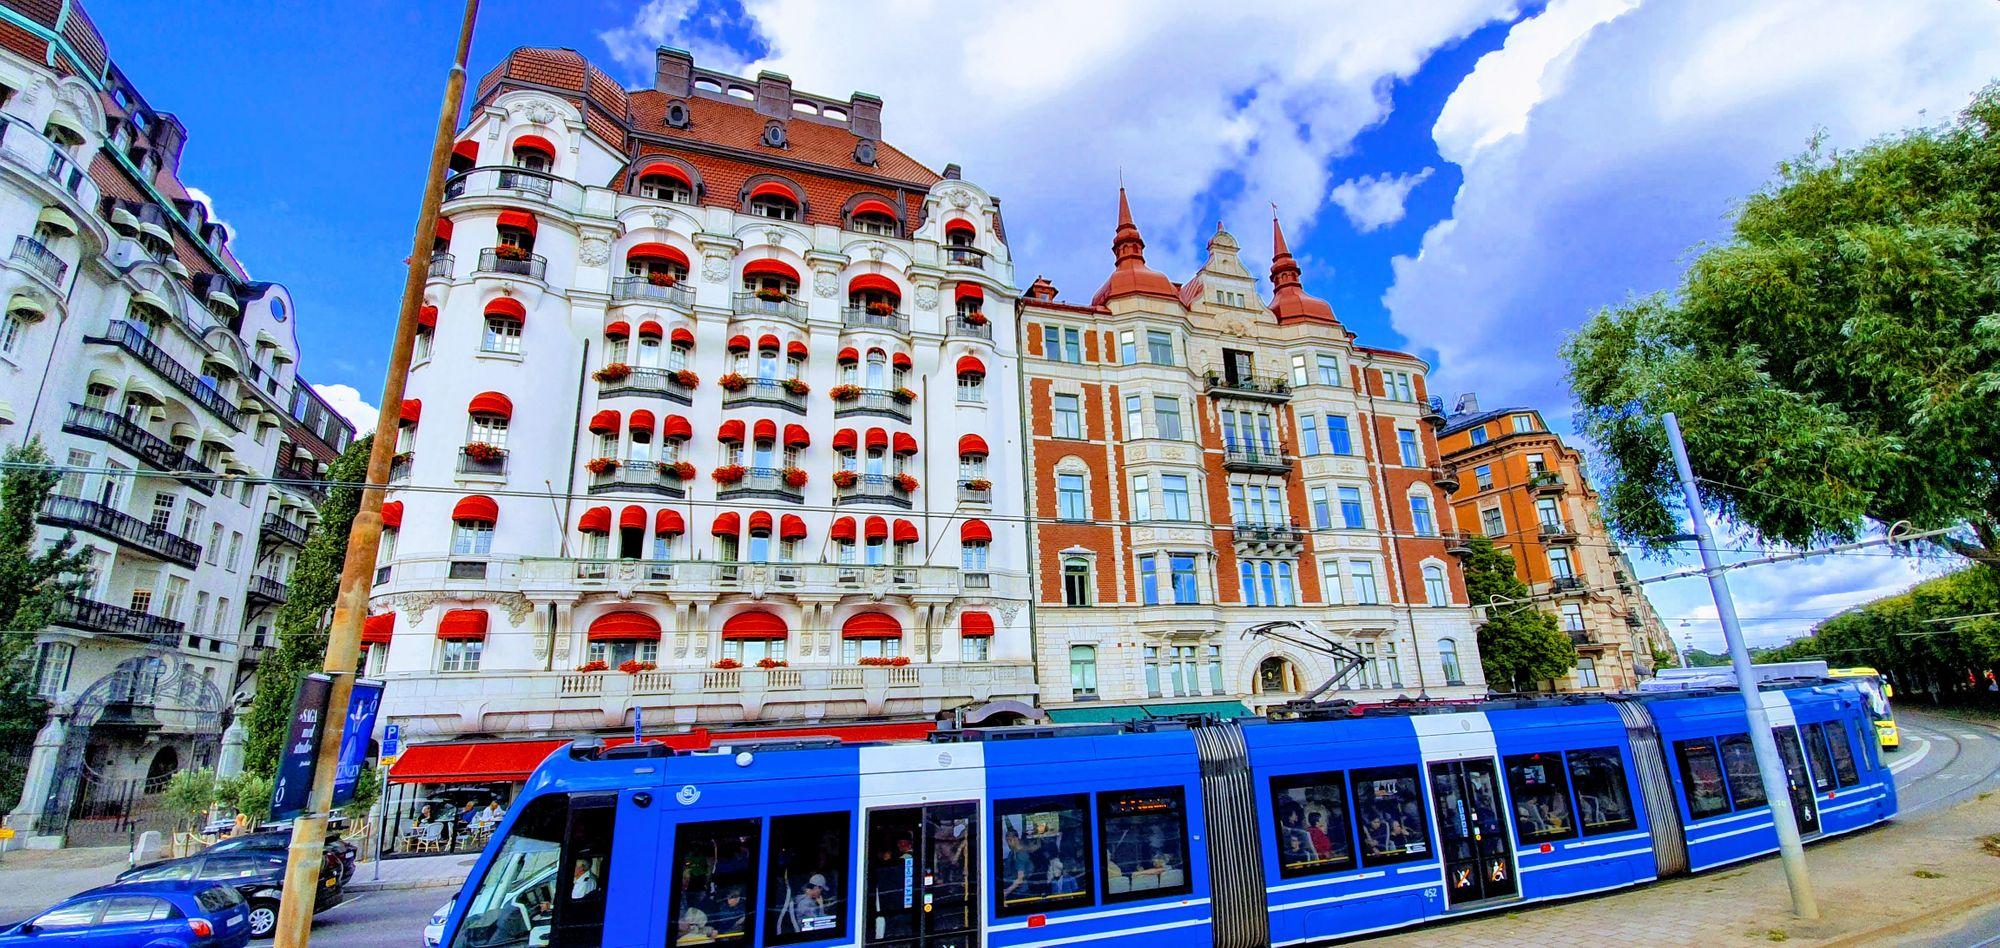 Parte del colorido de Estocolmo son sus tranvías